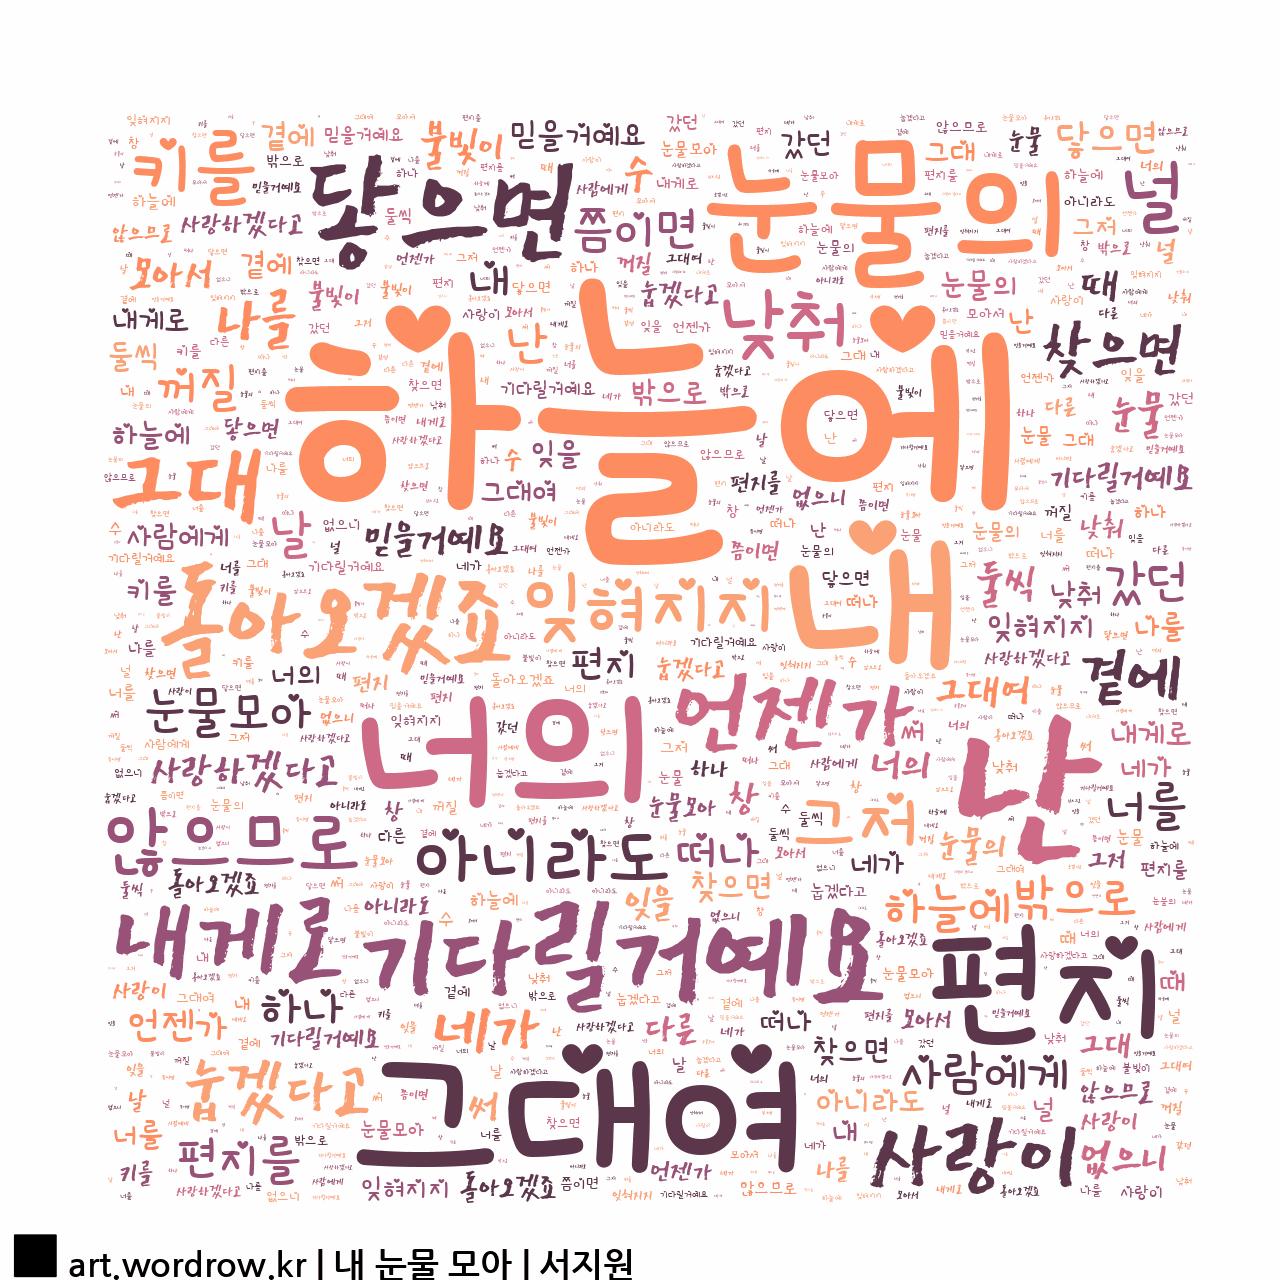 워드 아트: 내 눈물 모아 [서지원]-72